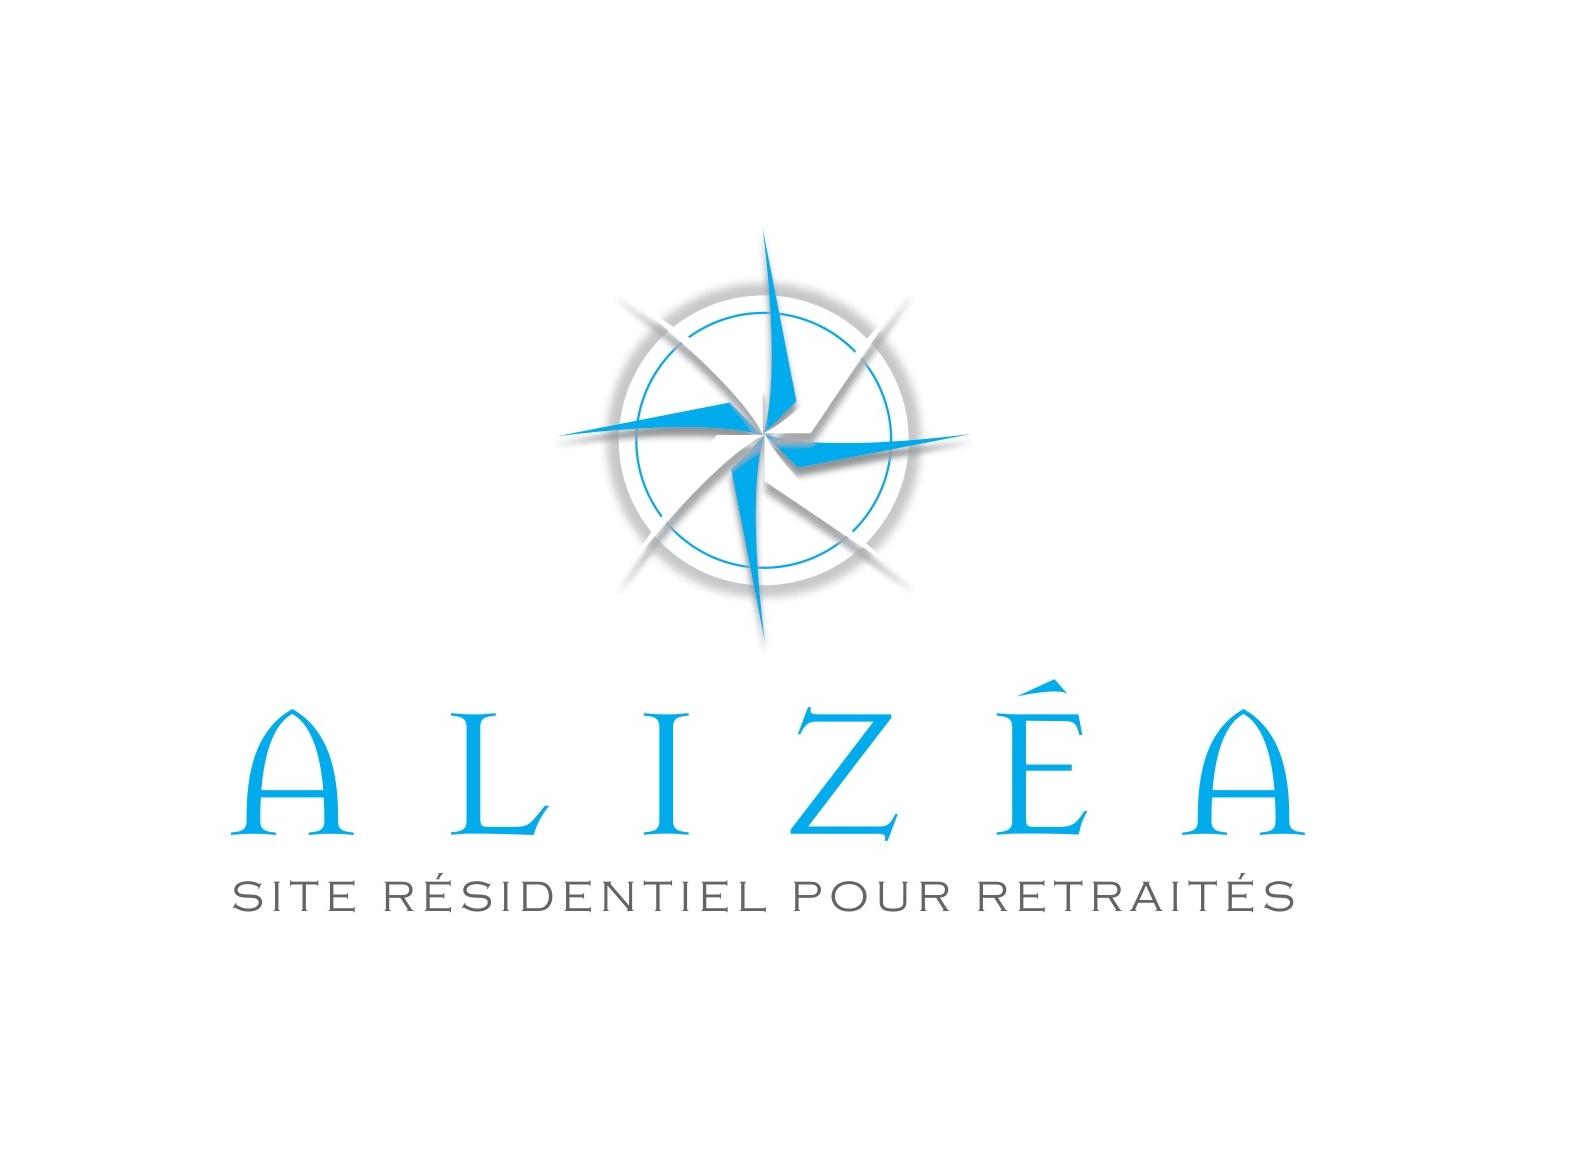 Alizéa